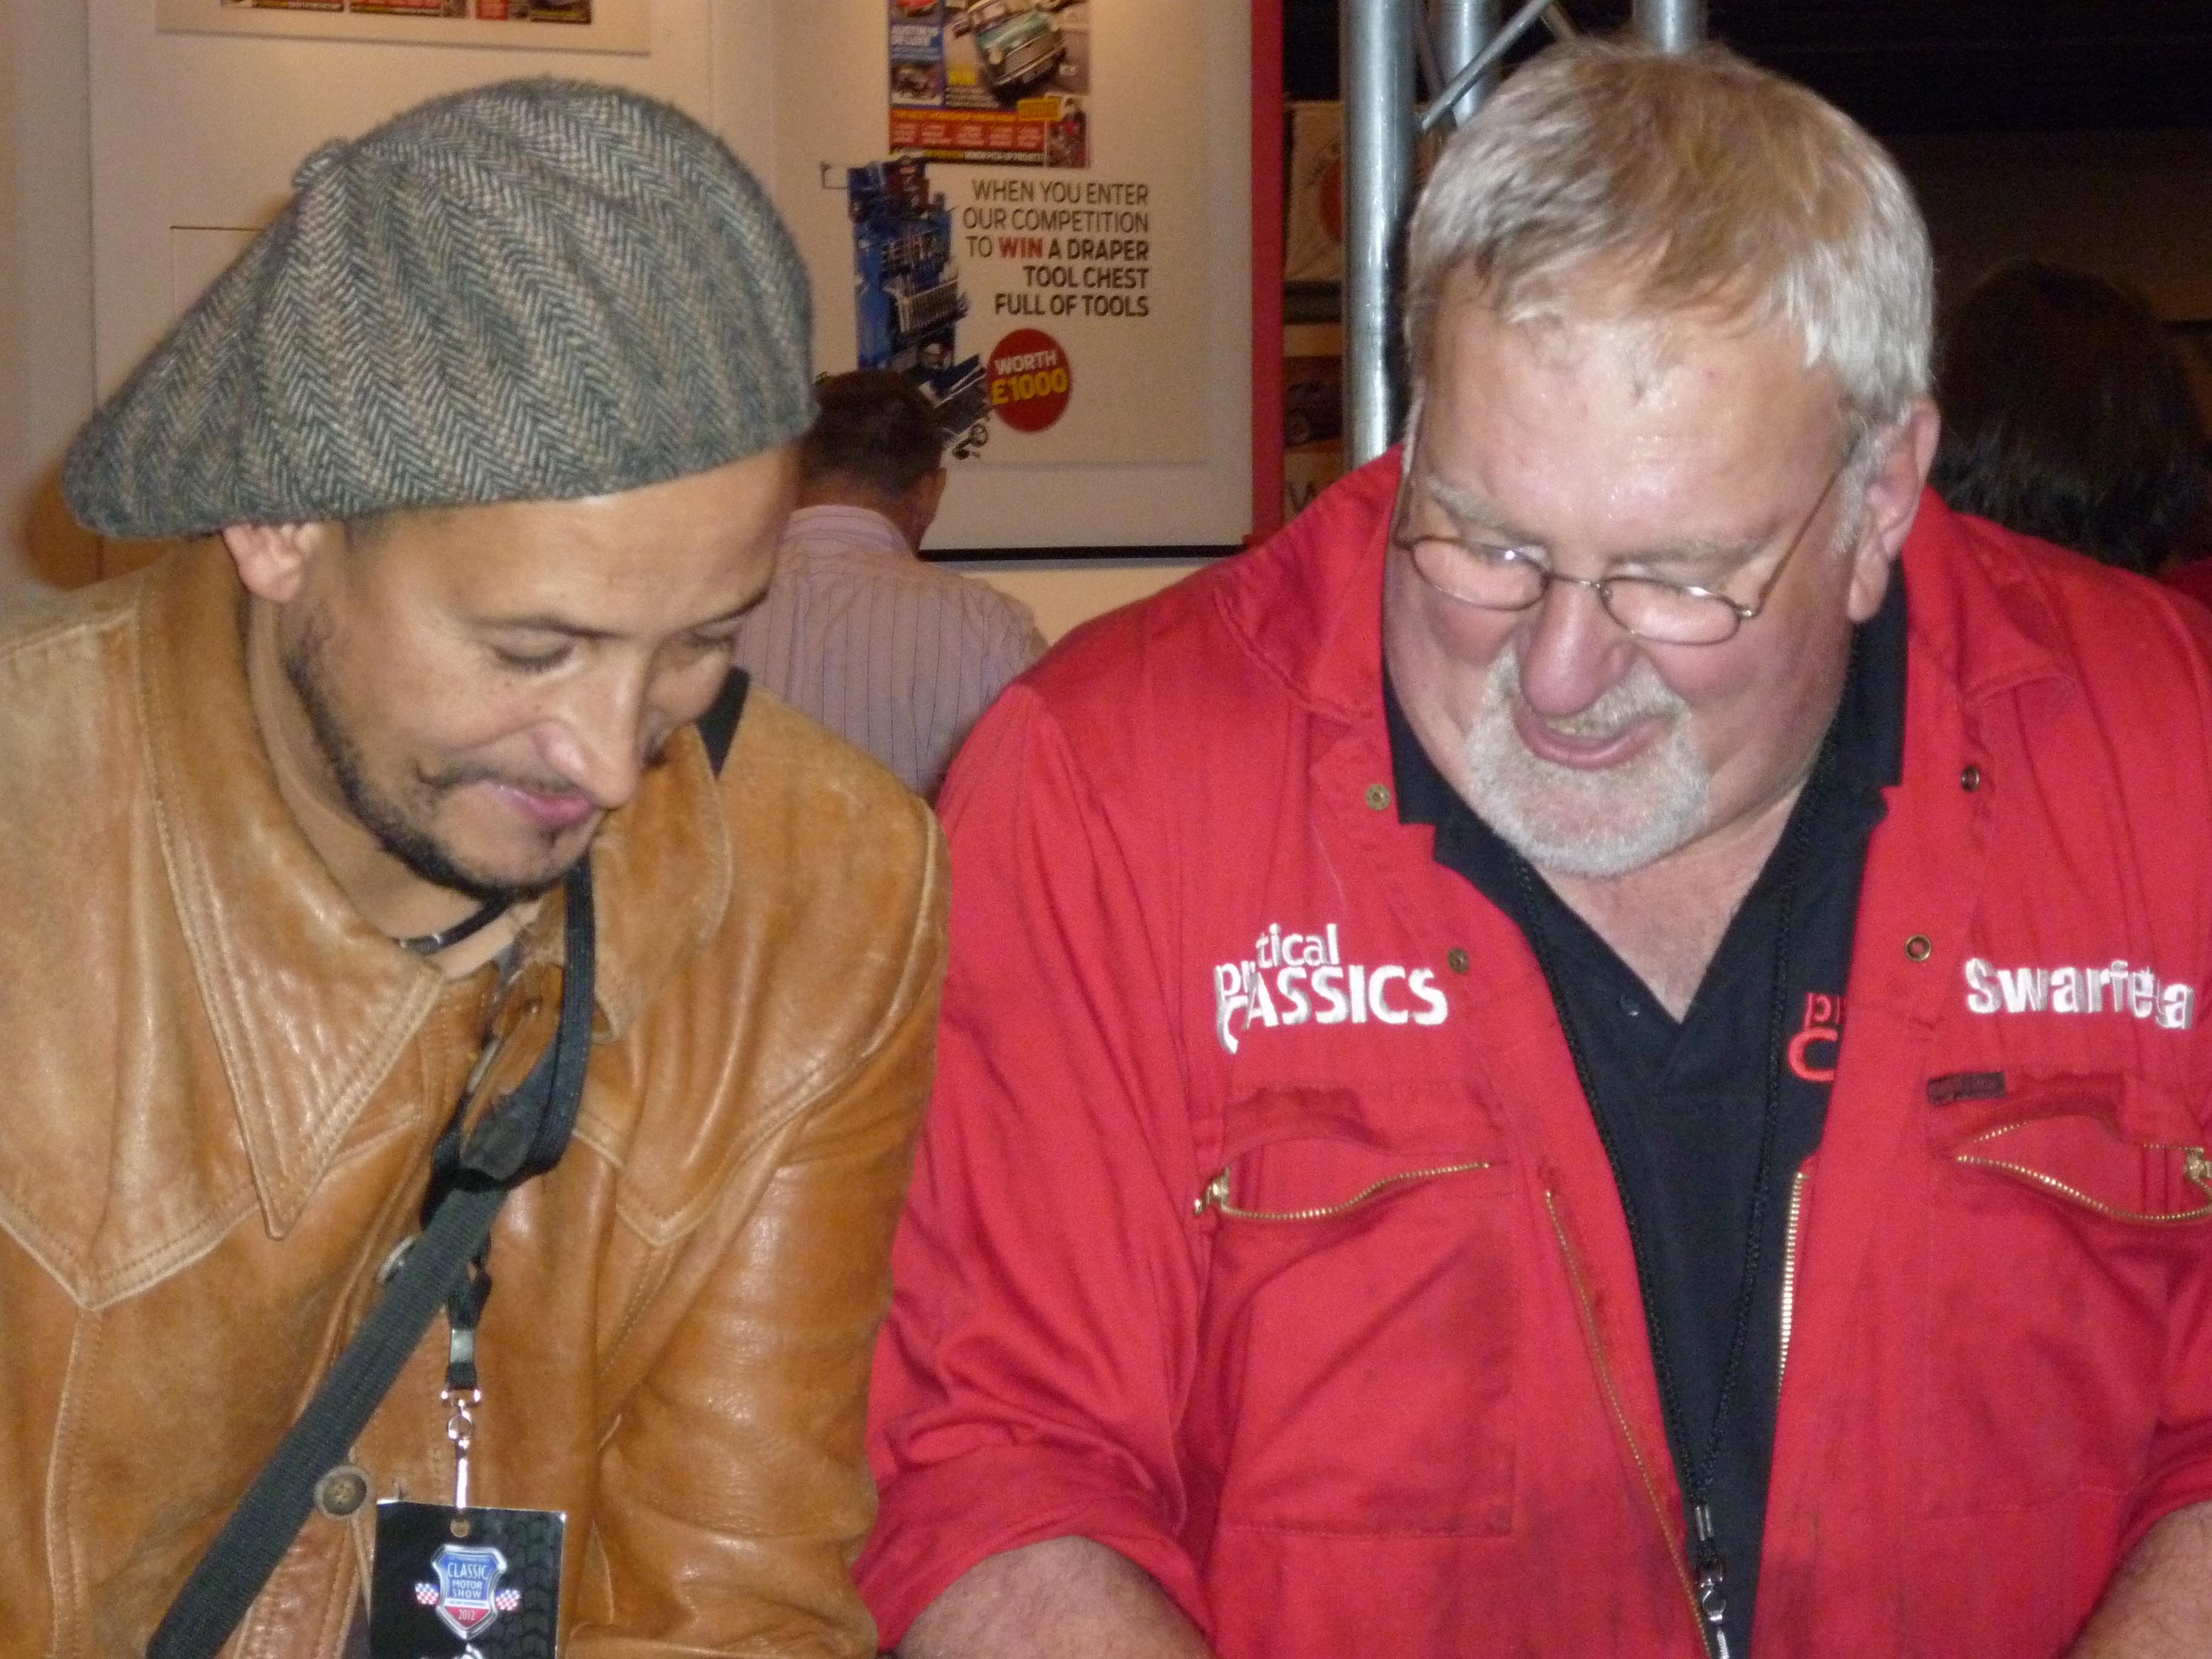 Fuzz Townshend with John Simpson